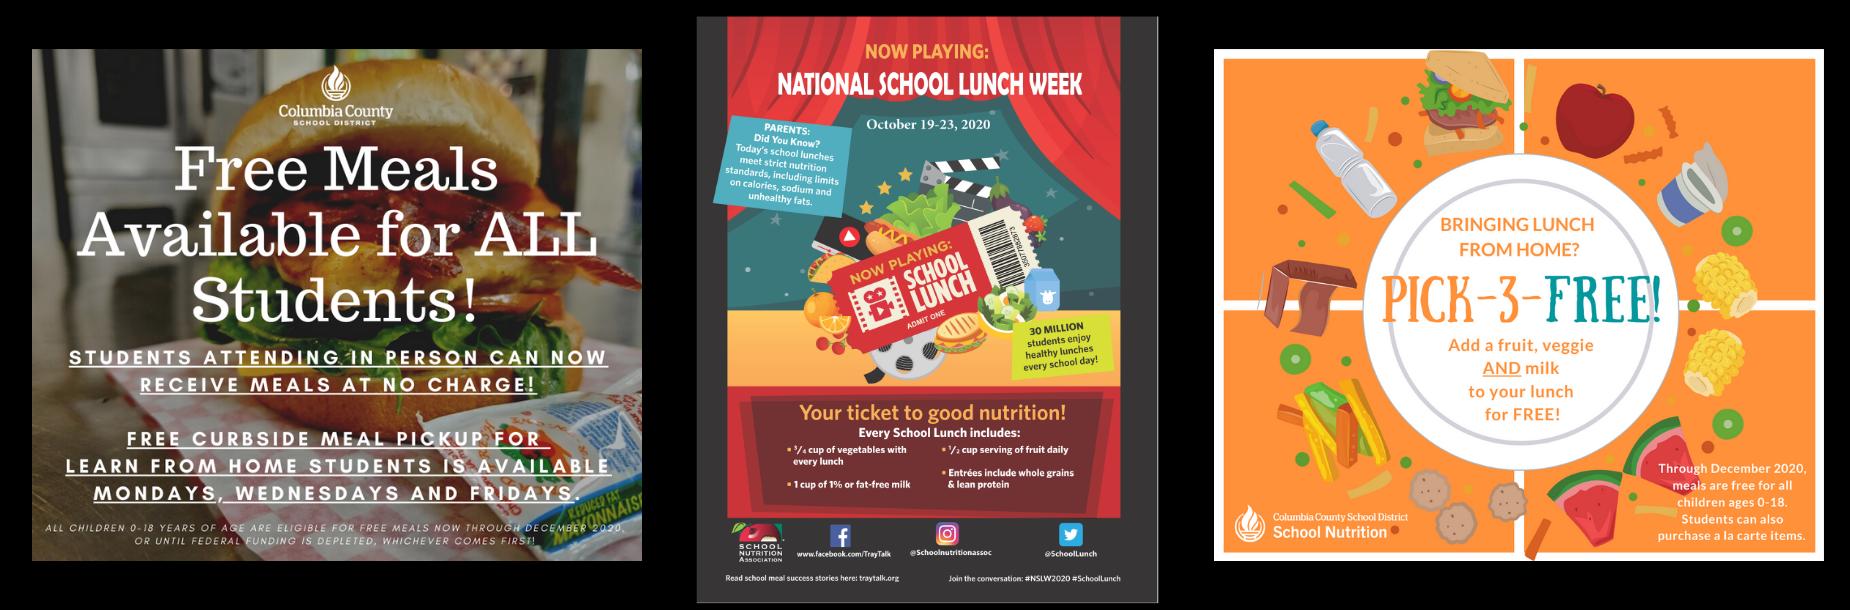 school nutrition info